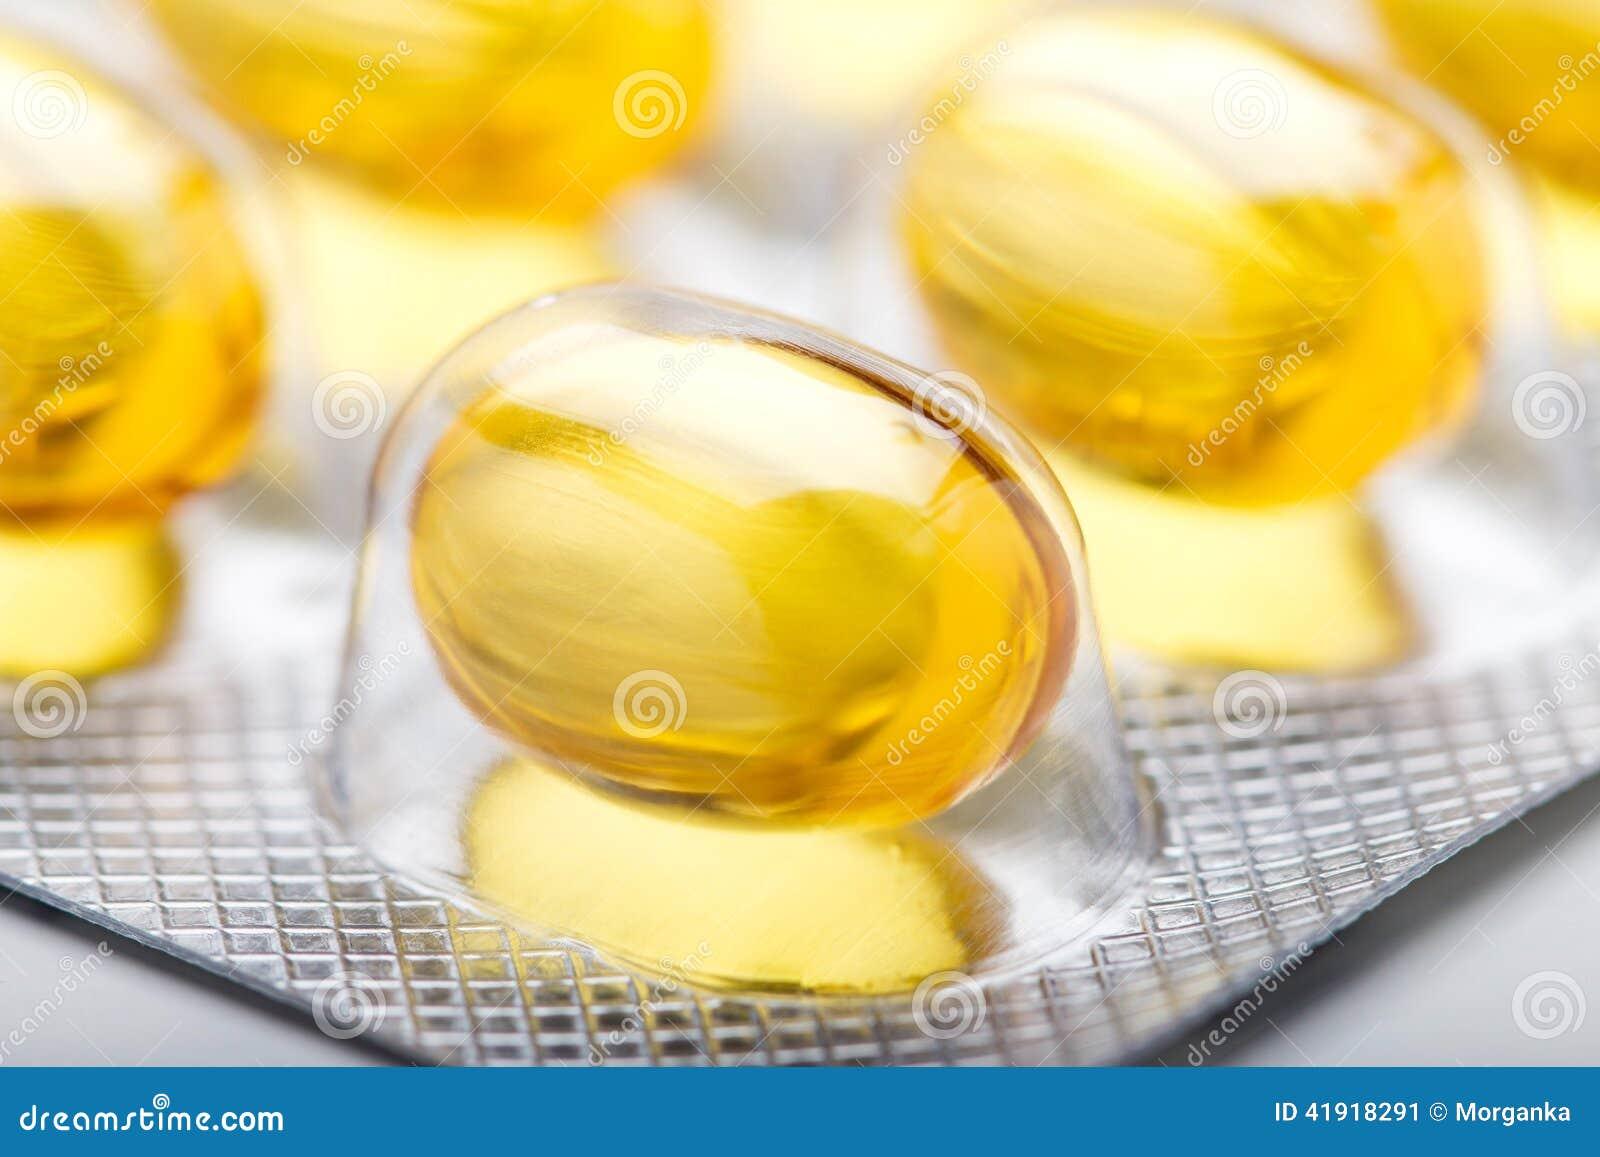 El aceite de pescado encapsula el primer